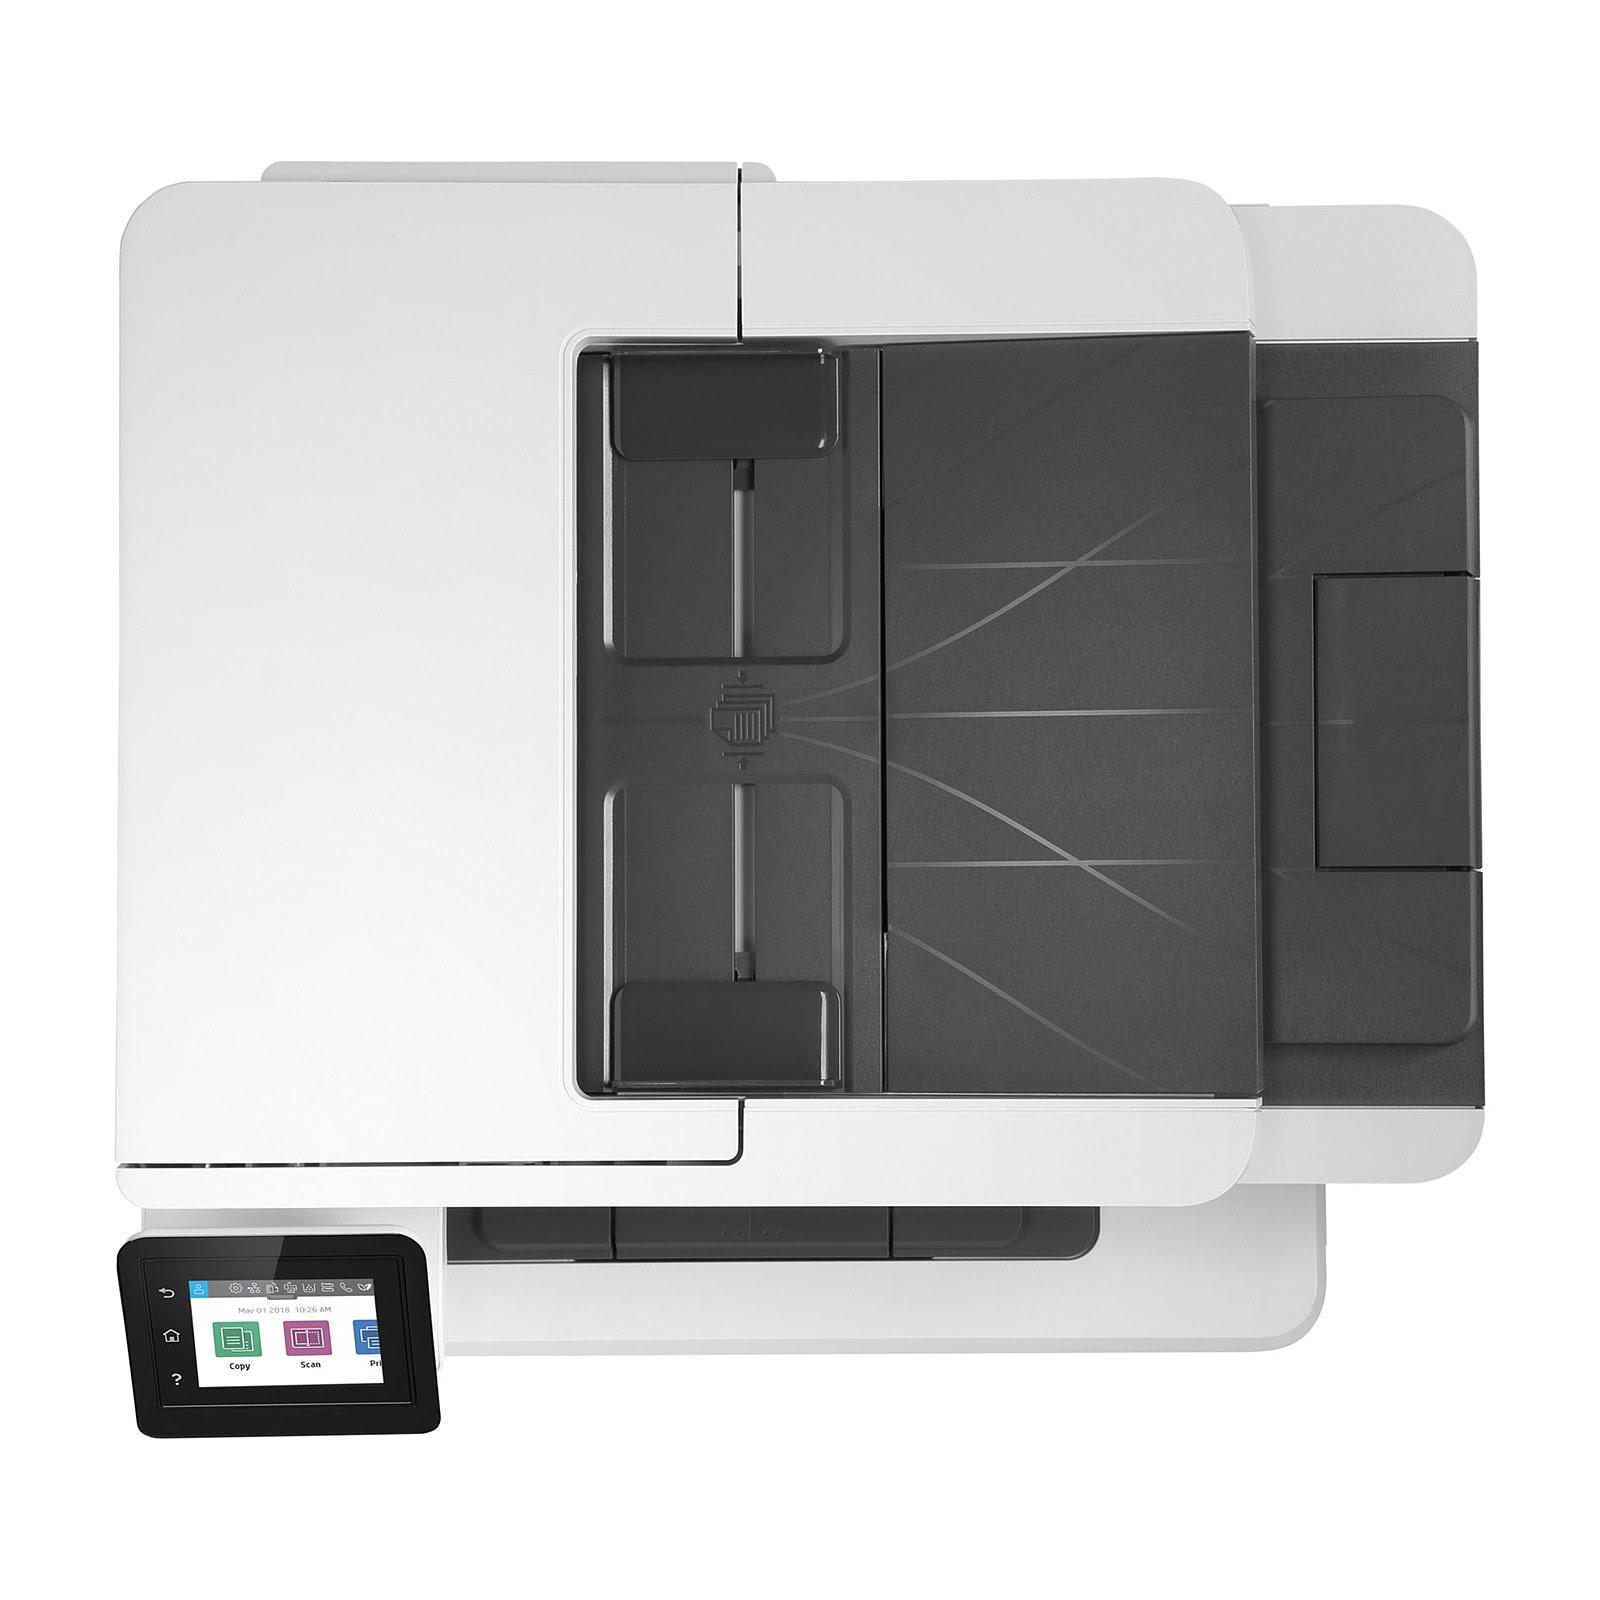 LaserJet Pro M428fdw (W1A30A#B19) - Achat / Vente Imprimante multifonction sur Picata.fr - 2